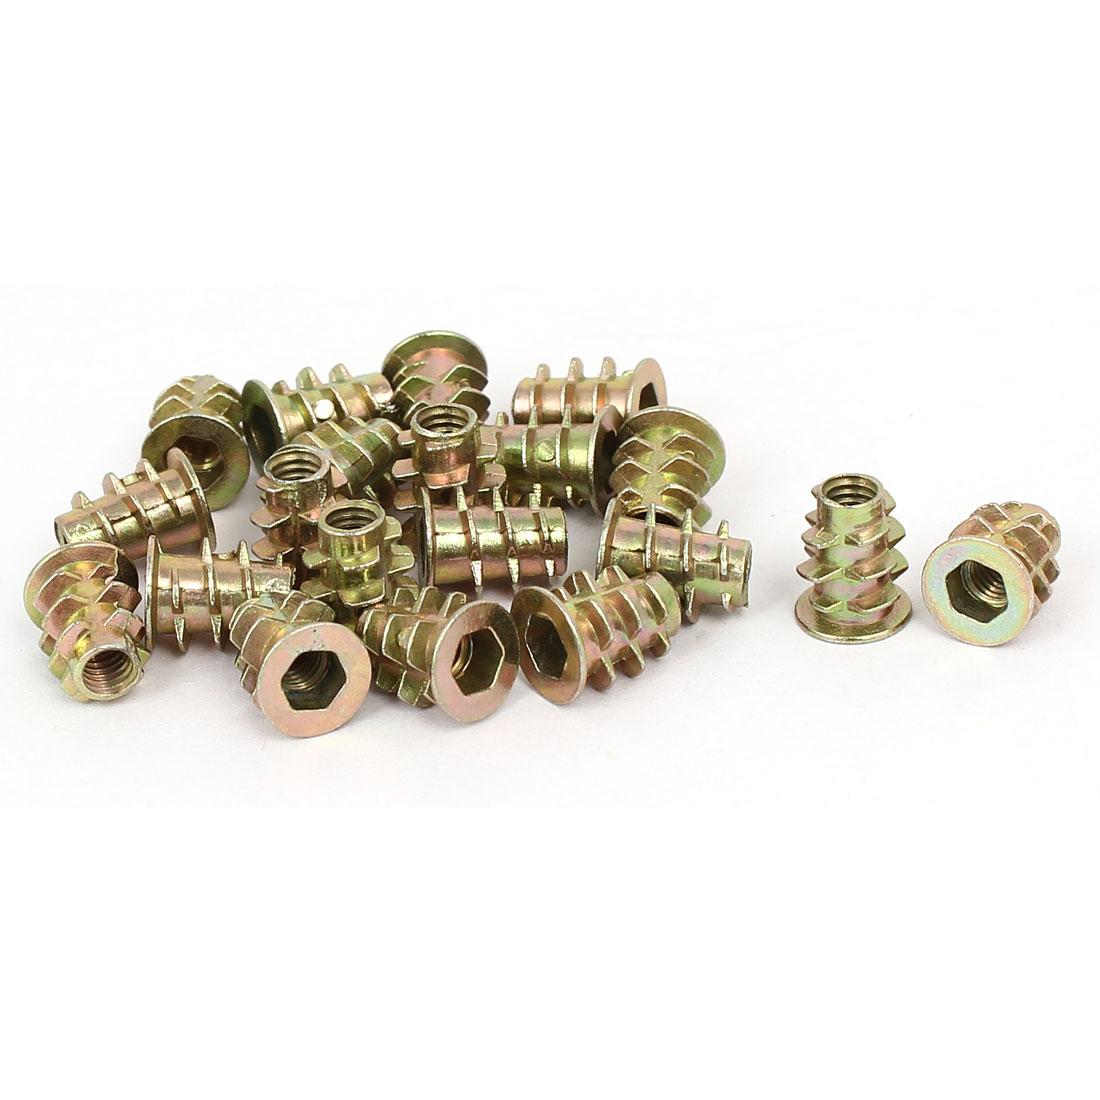 M4 x 10mm Hex Socket Head Insert Screws E-Nuts Furniture Fittings 20pcs